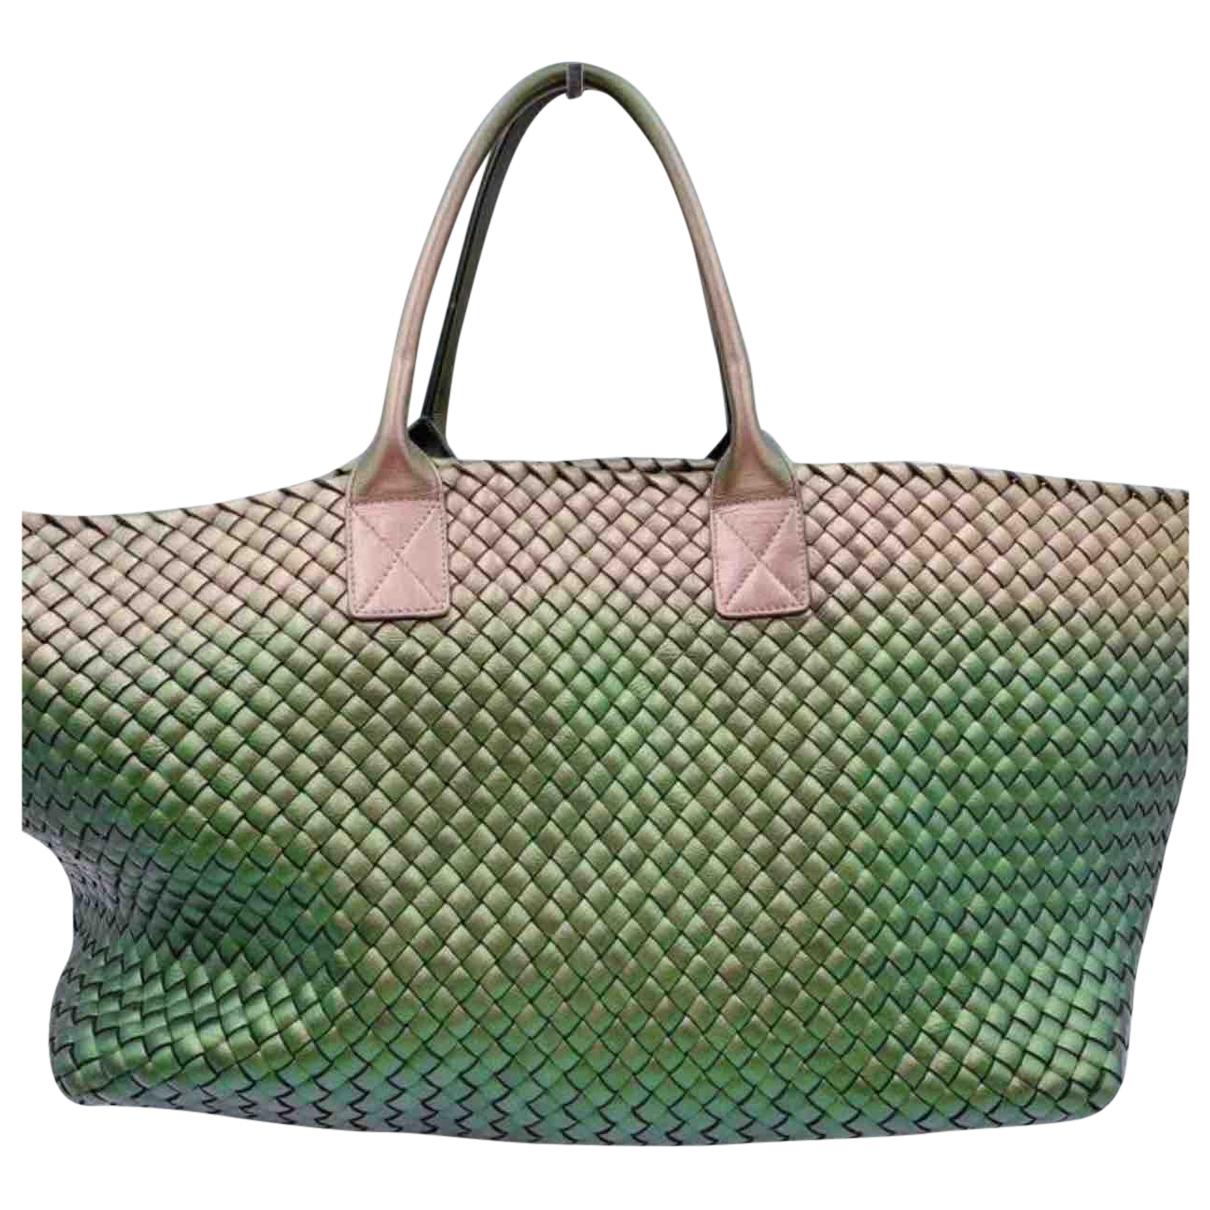 Bottega Veneta Cabat Handtasche in  Metallic Leder